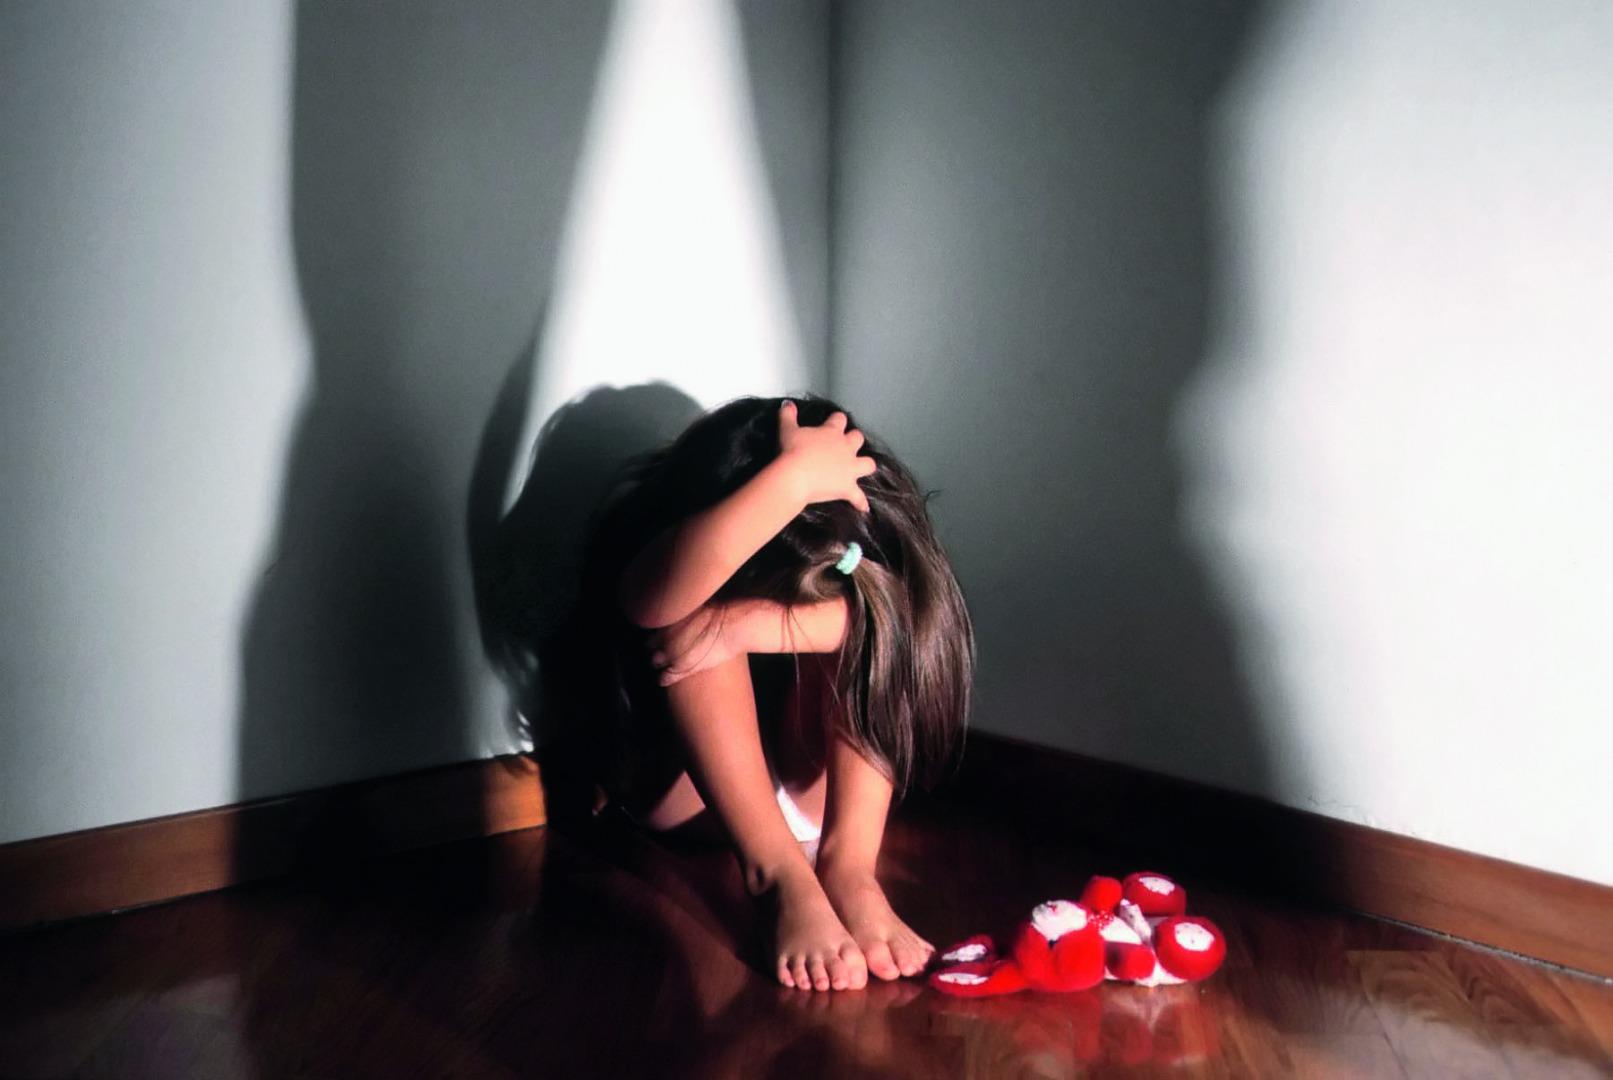 Рассказы совращение девочек 19 фотография